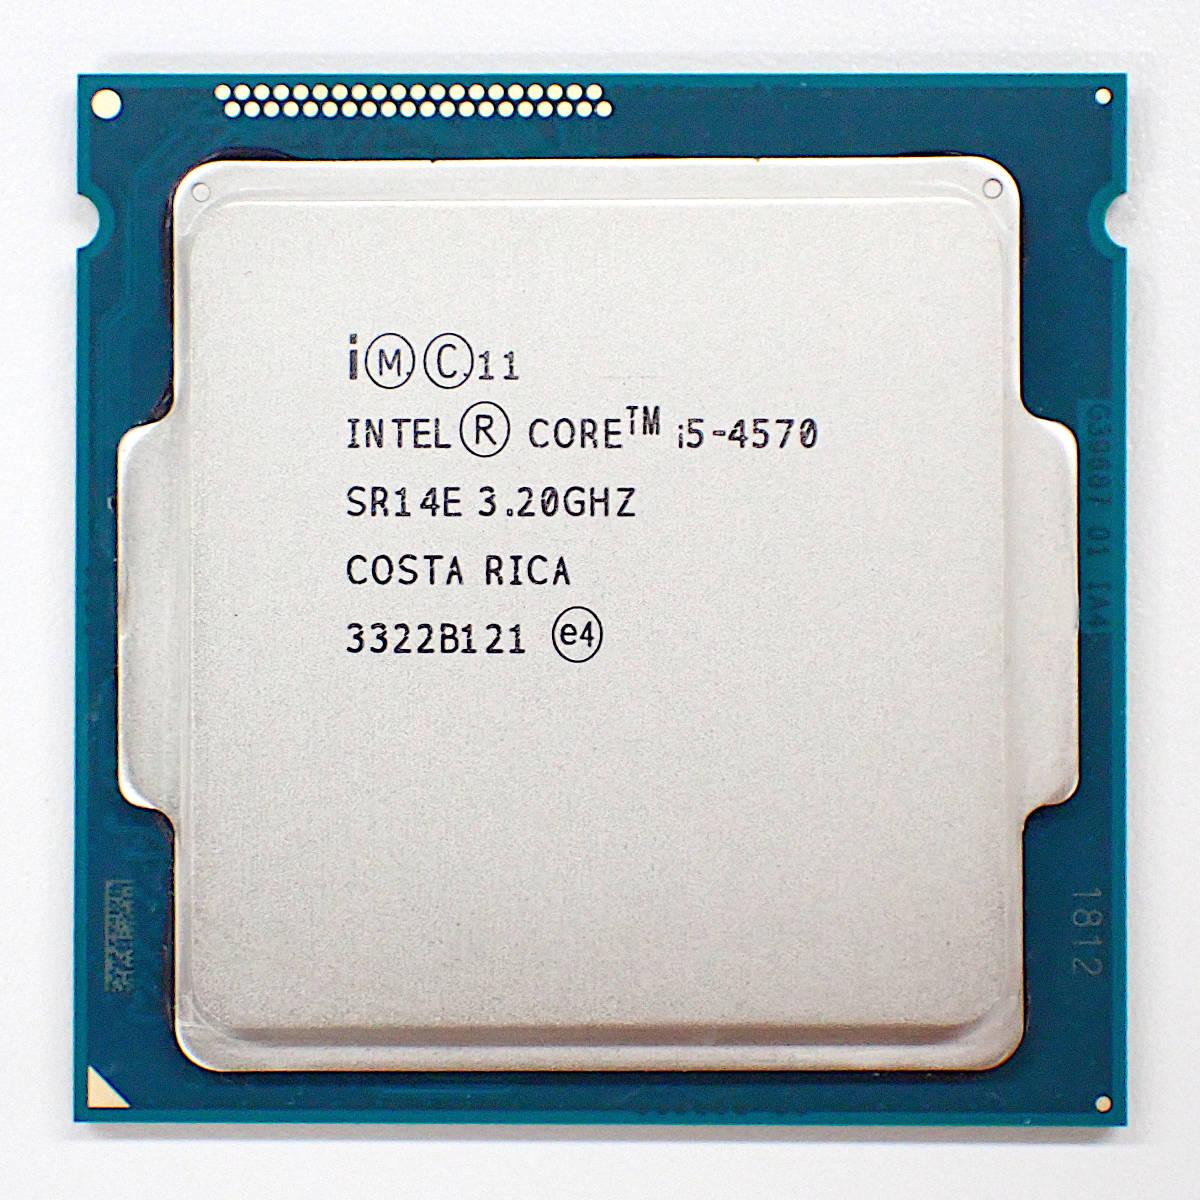 Core i5-4570 3.2GHz SR14E 動作確認済 インテル